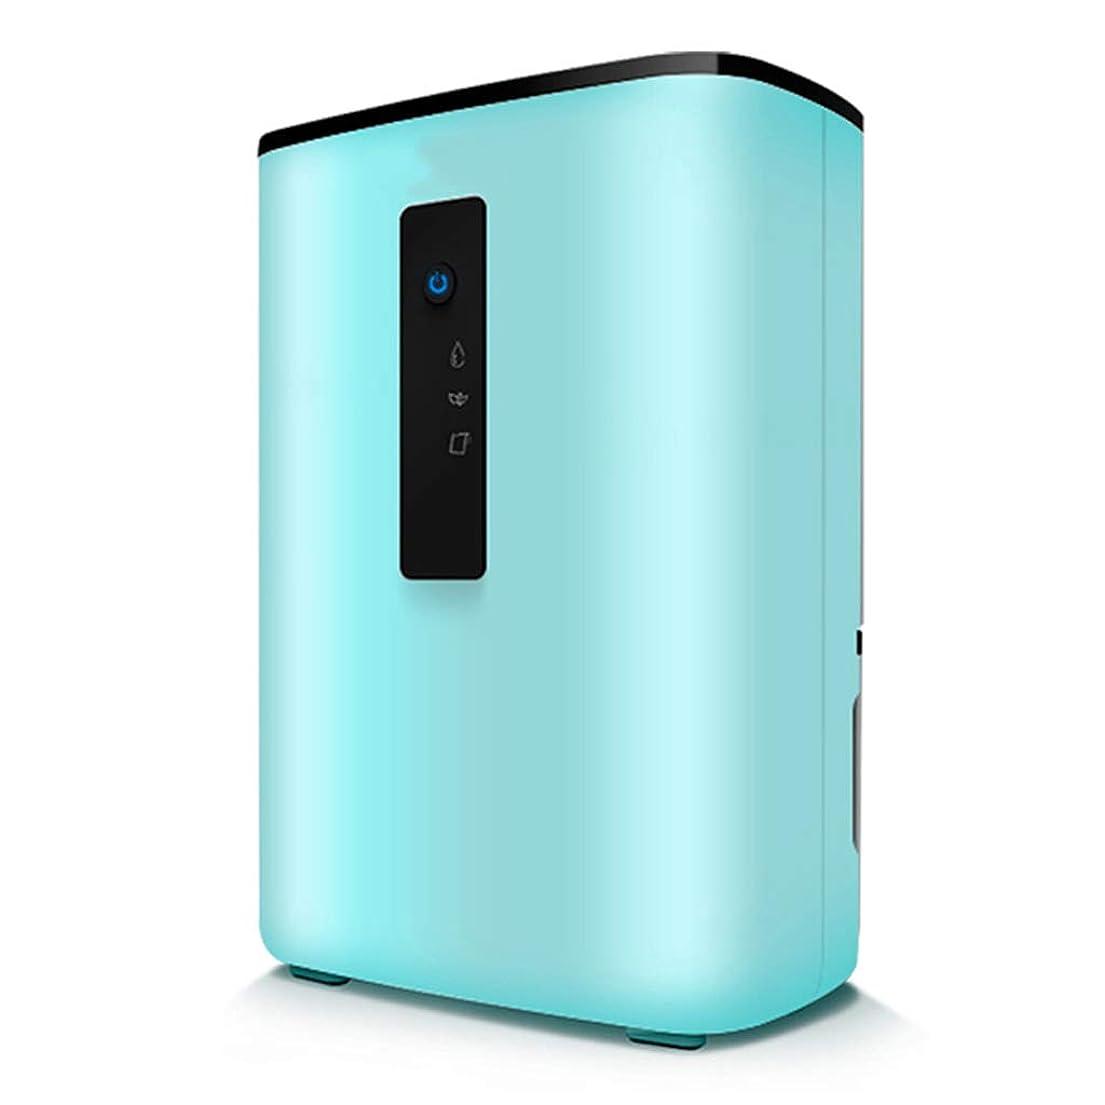 摩擦事実上保持家庭用サイレント除湿機、寝室地下ミニ除湿機吸湿器除湿ドライヤー2l水槽